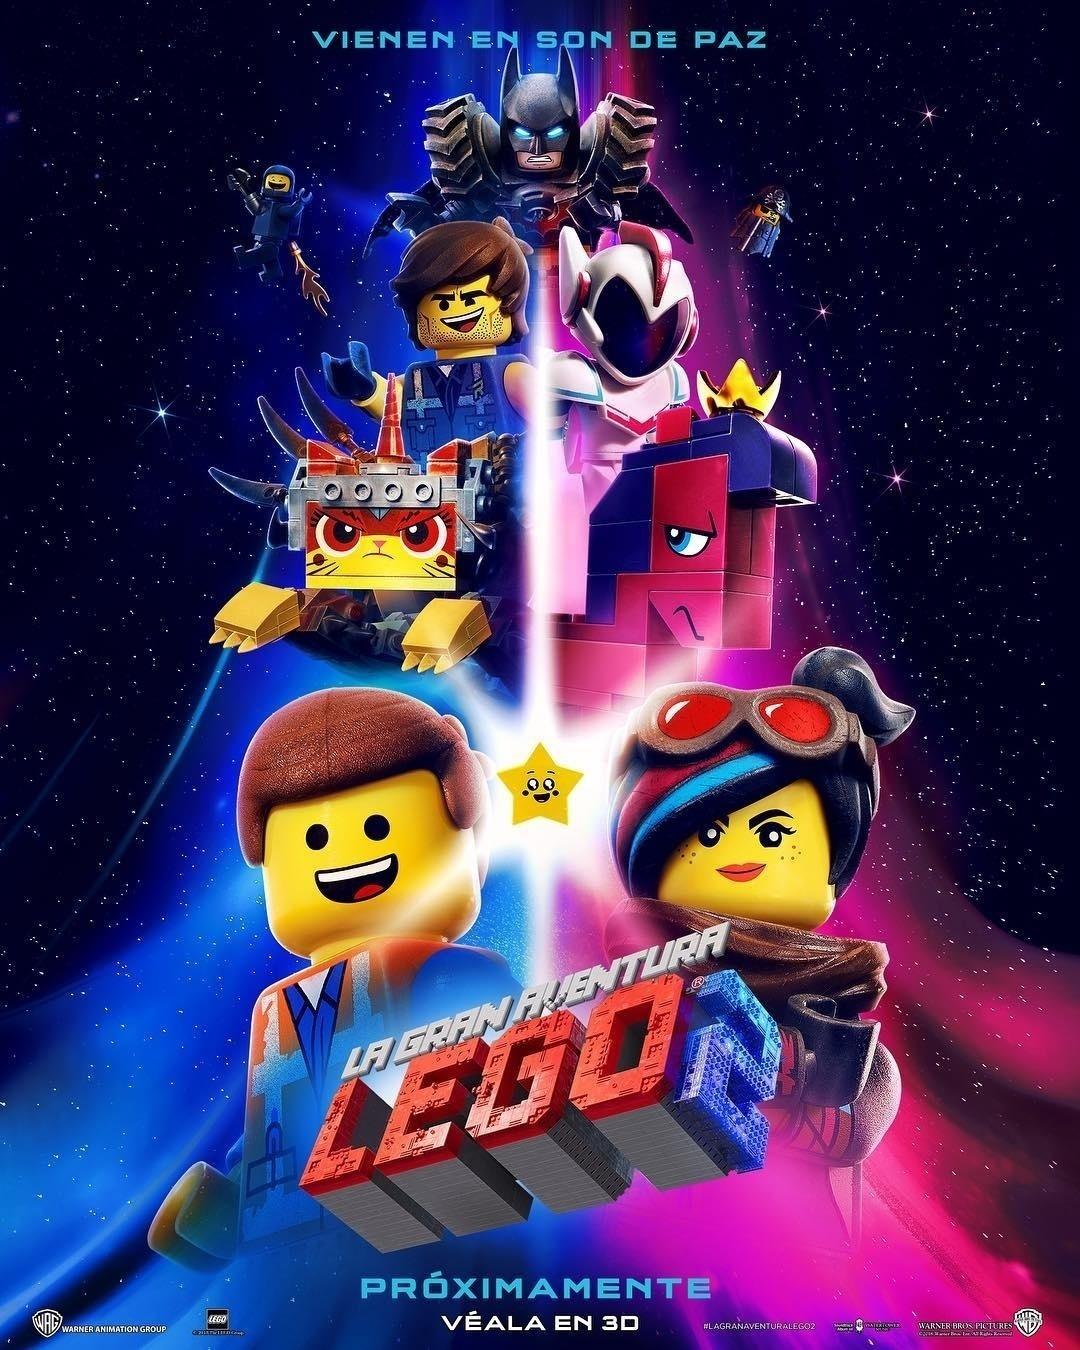 Resultado de imagen para la gran aventura lego 2 poster